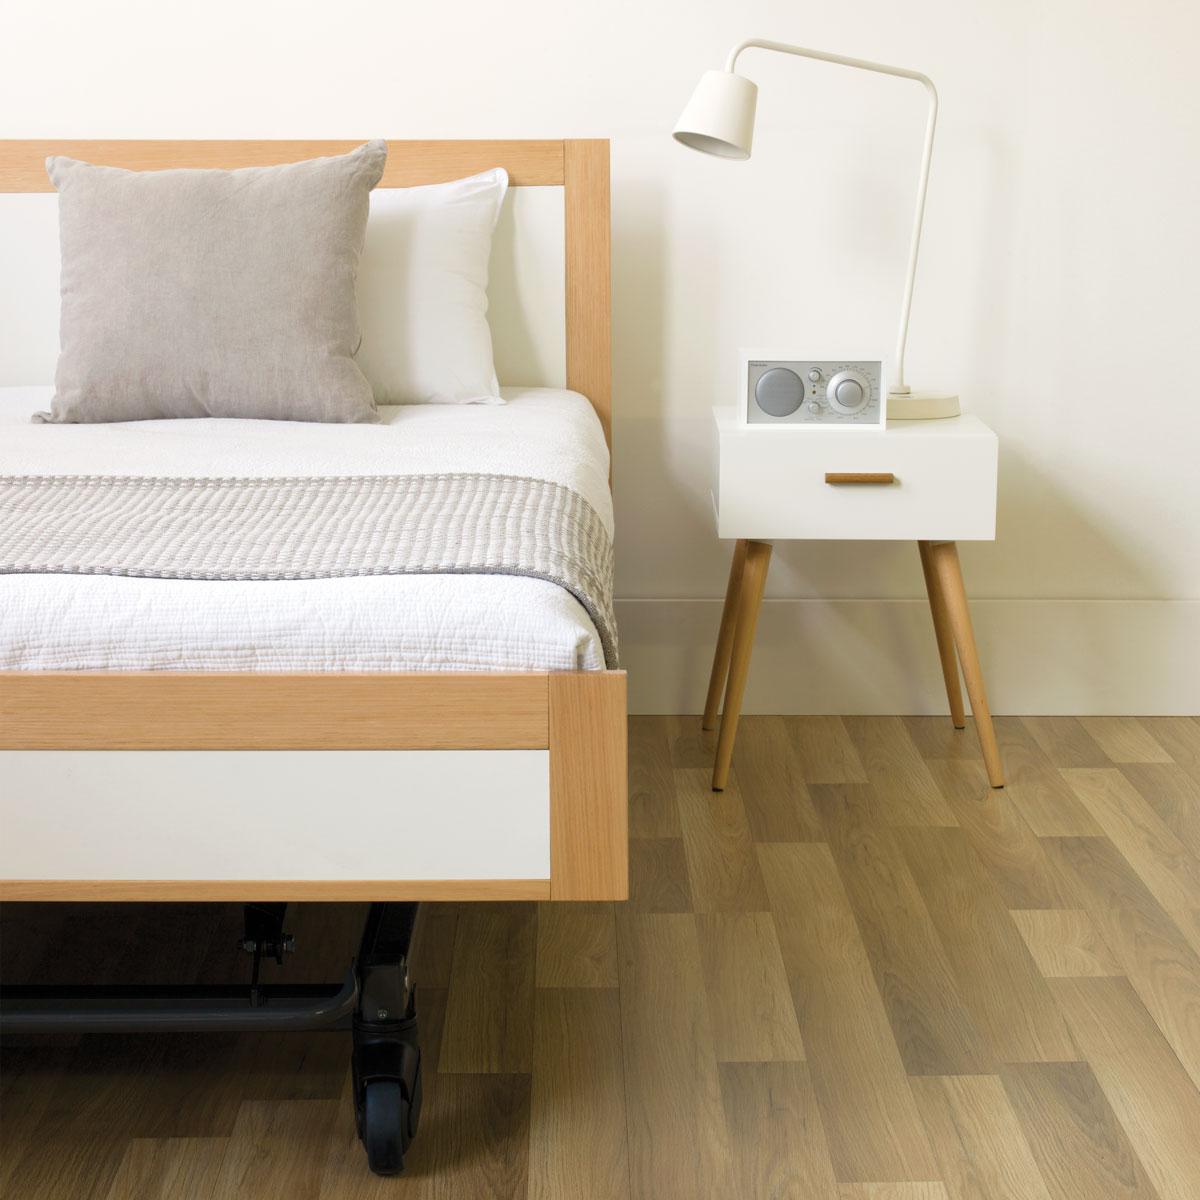 Stralus-SLine-Bed-Light-Birch-Trim-Single_Bedroom_v1